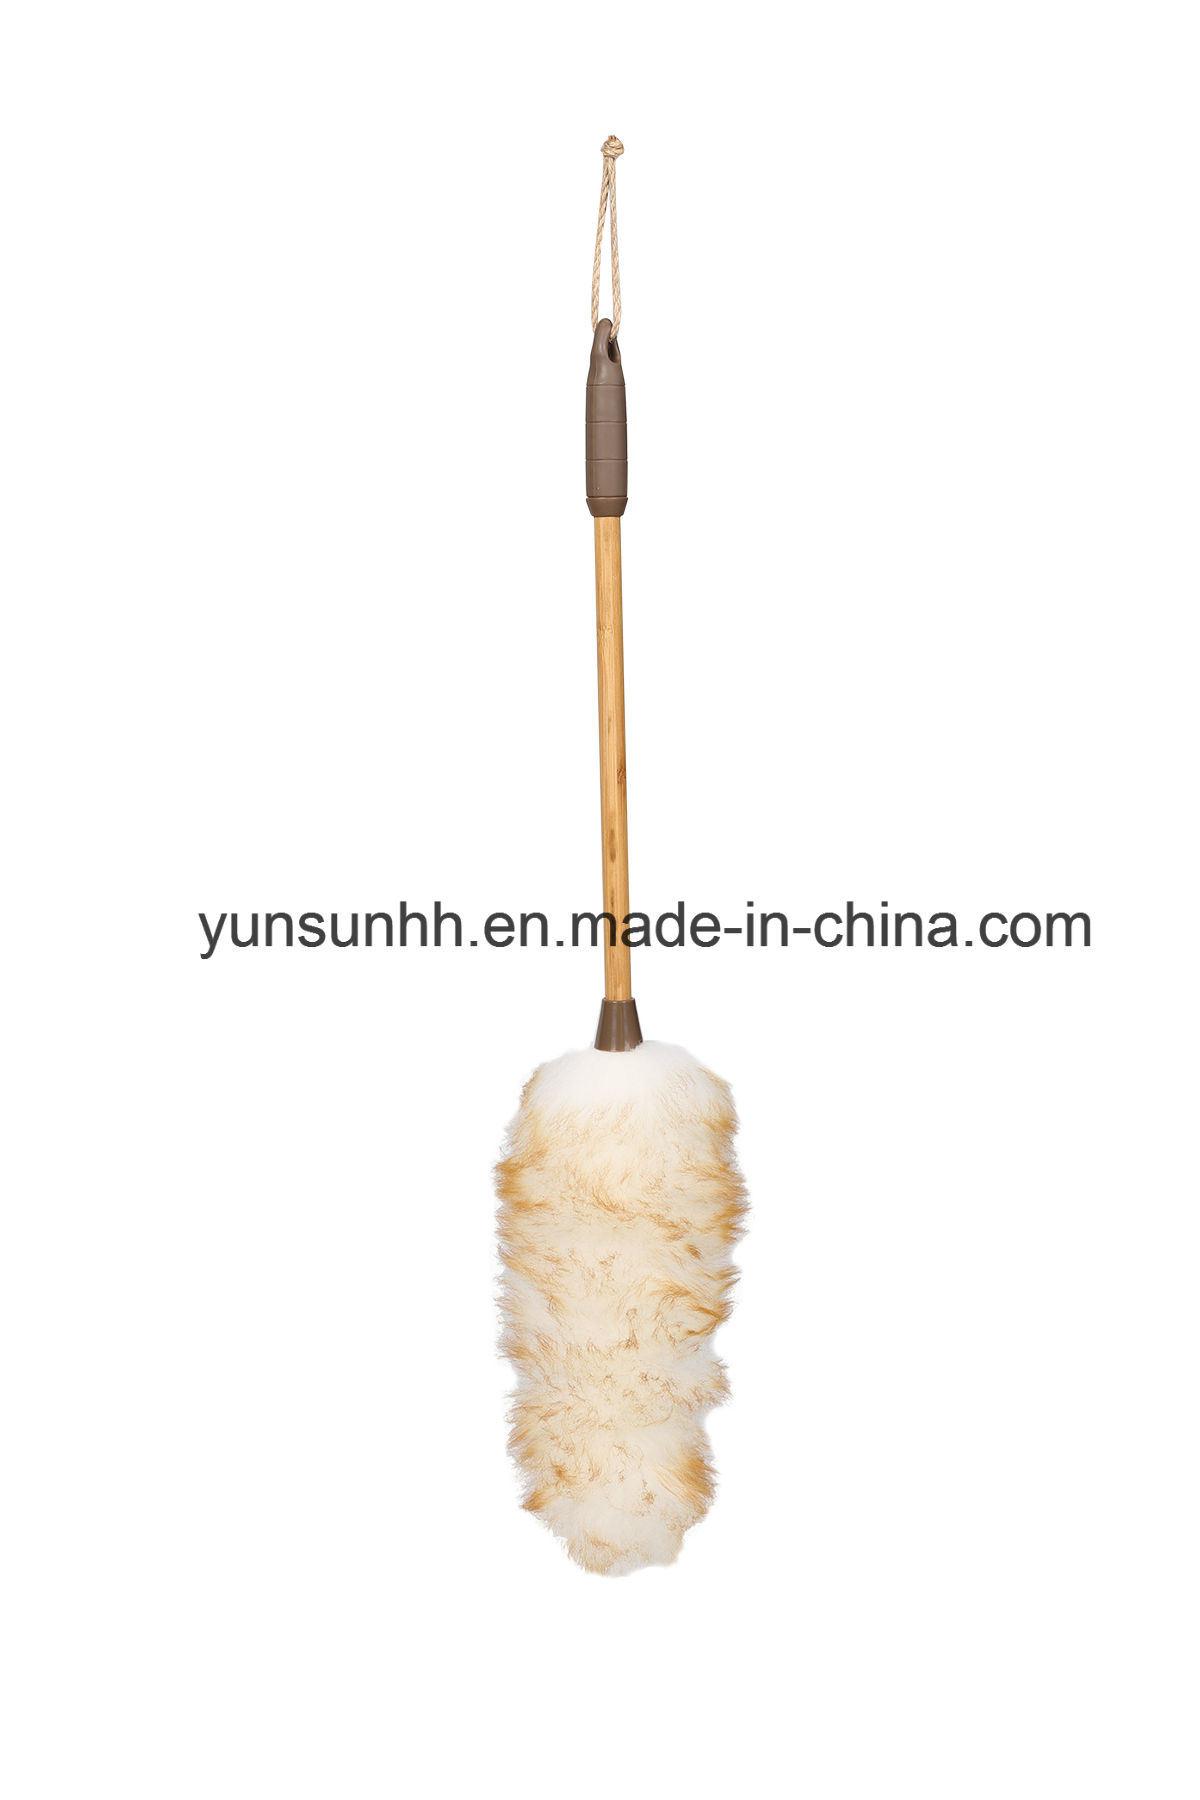 Wool Duster /Cleaner Tool/Cleaner/ Microfiber Mop